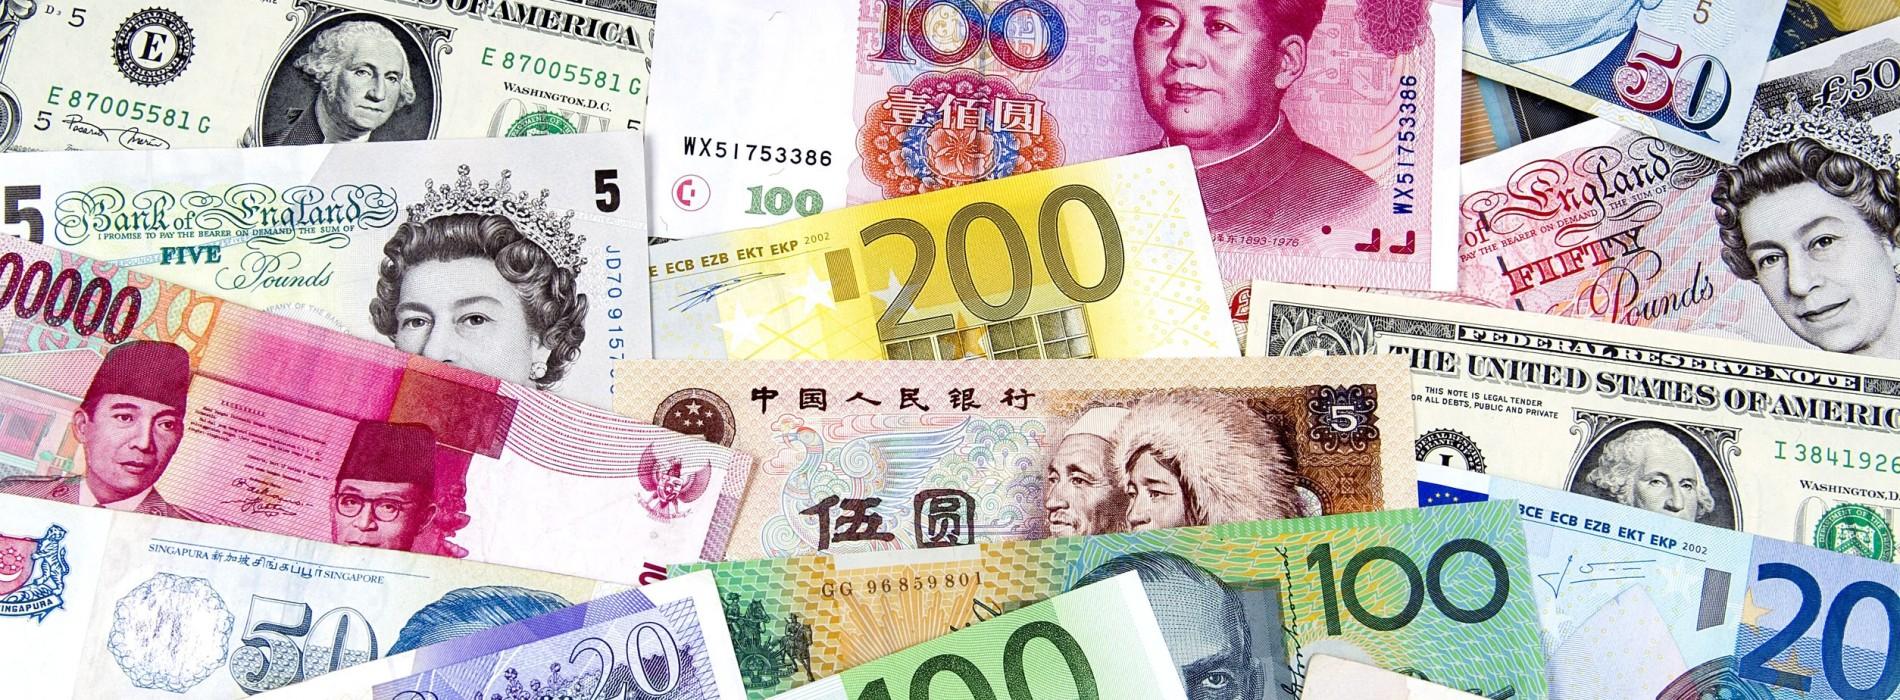 Wymiana walut w e-kantorze – z podatkiem czy bez?